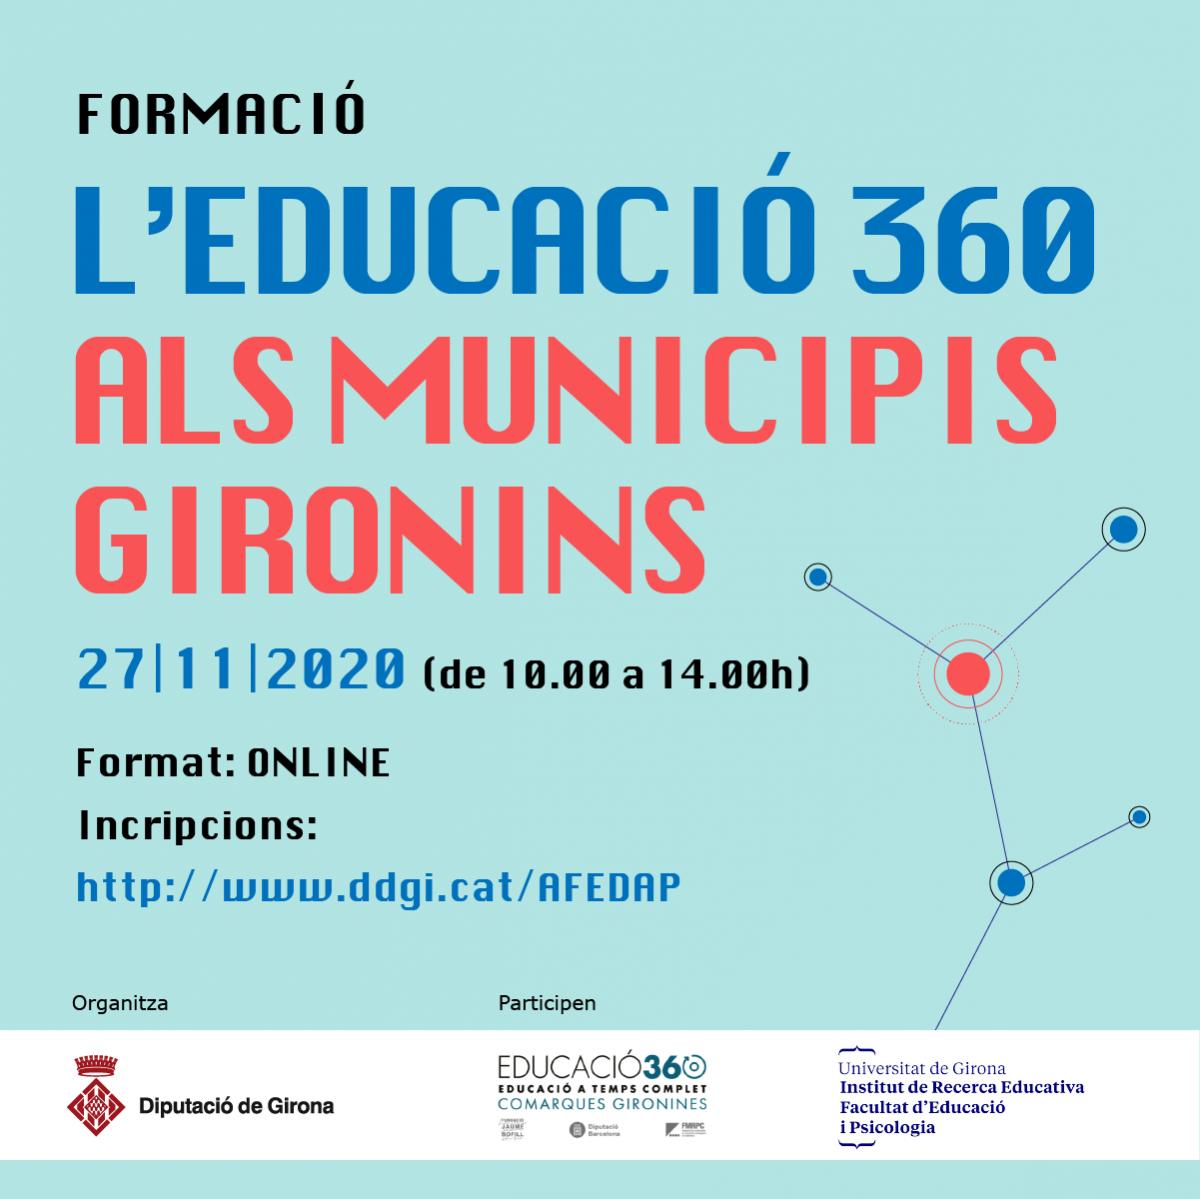 l'educació 360 als municipis gironins